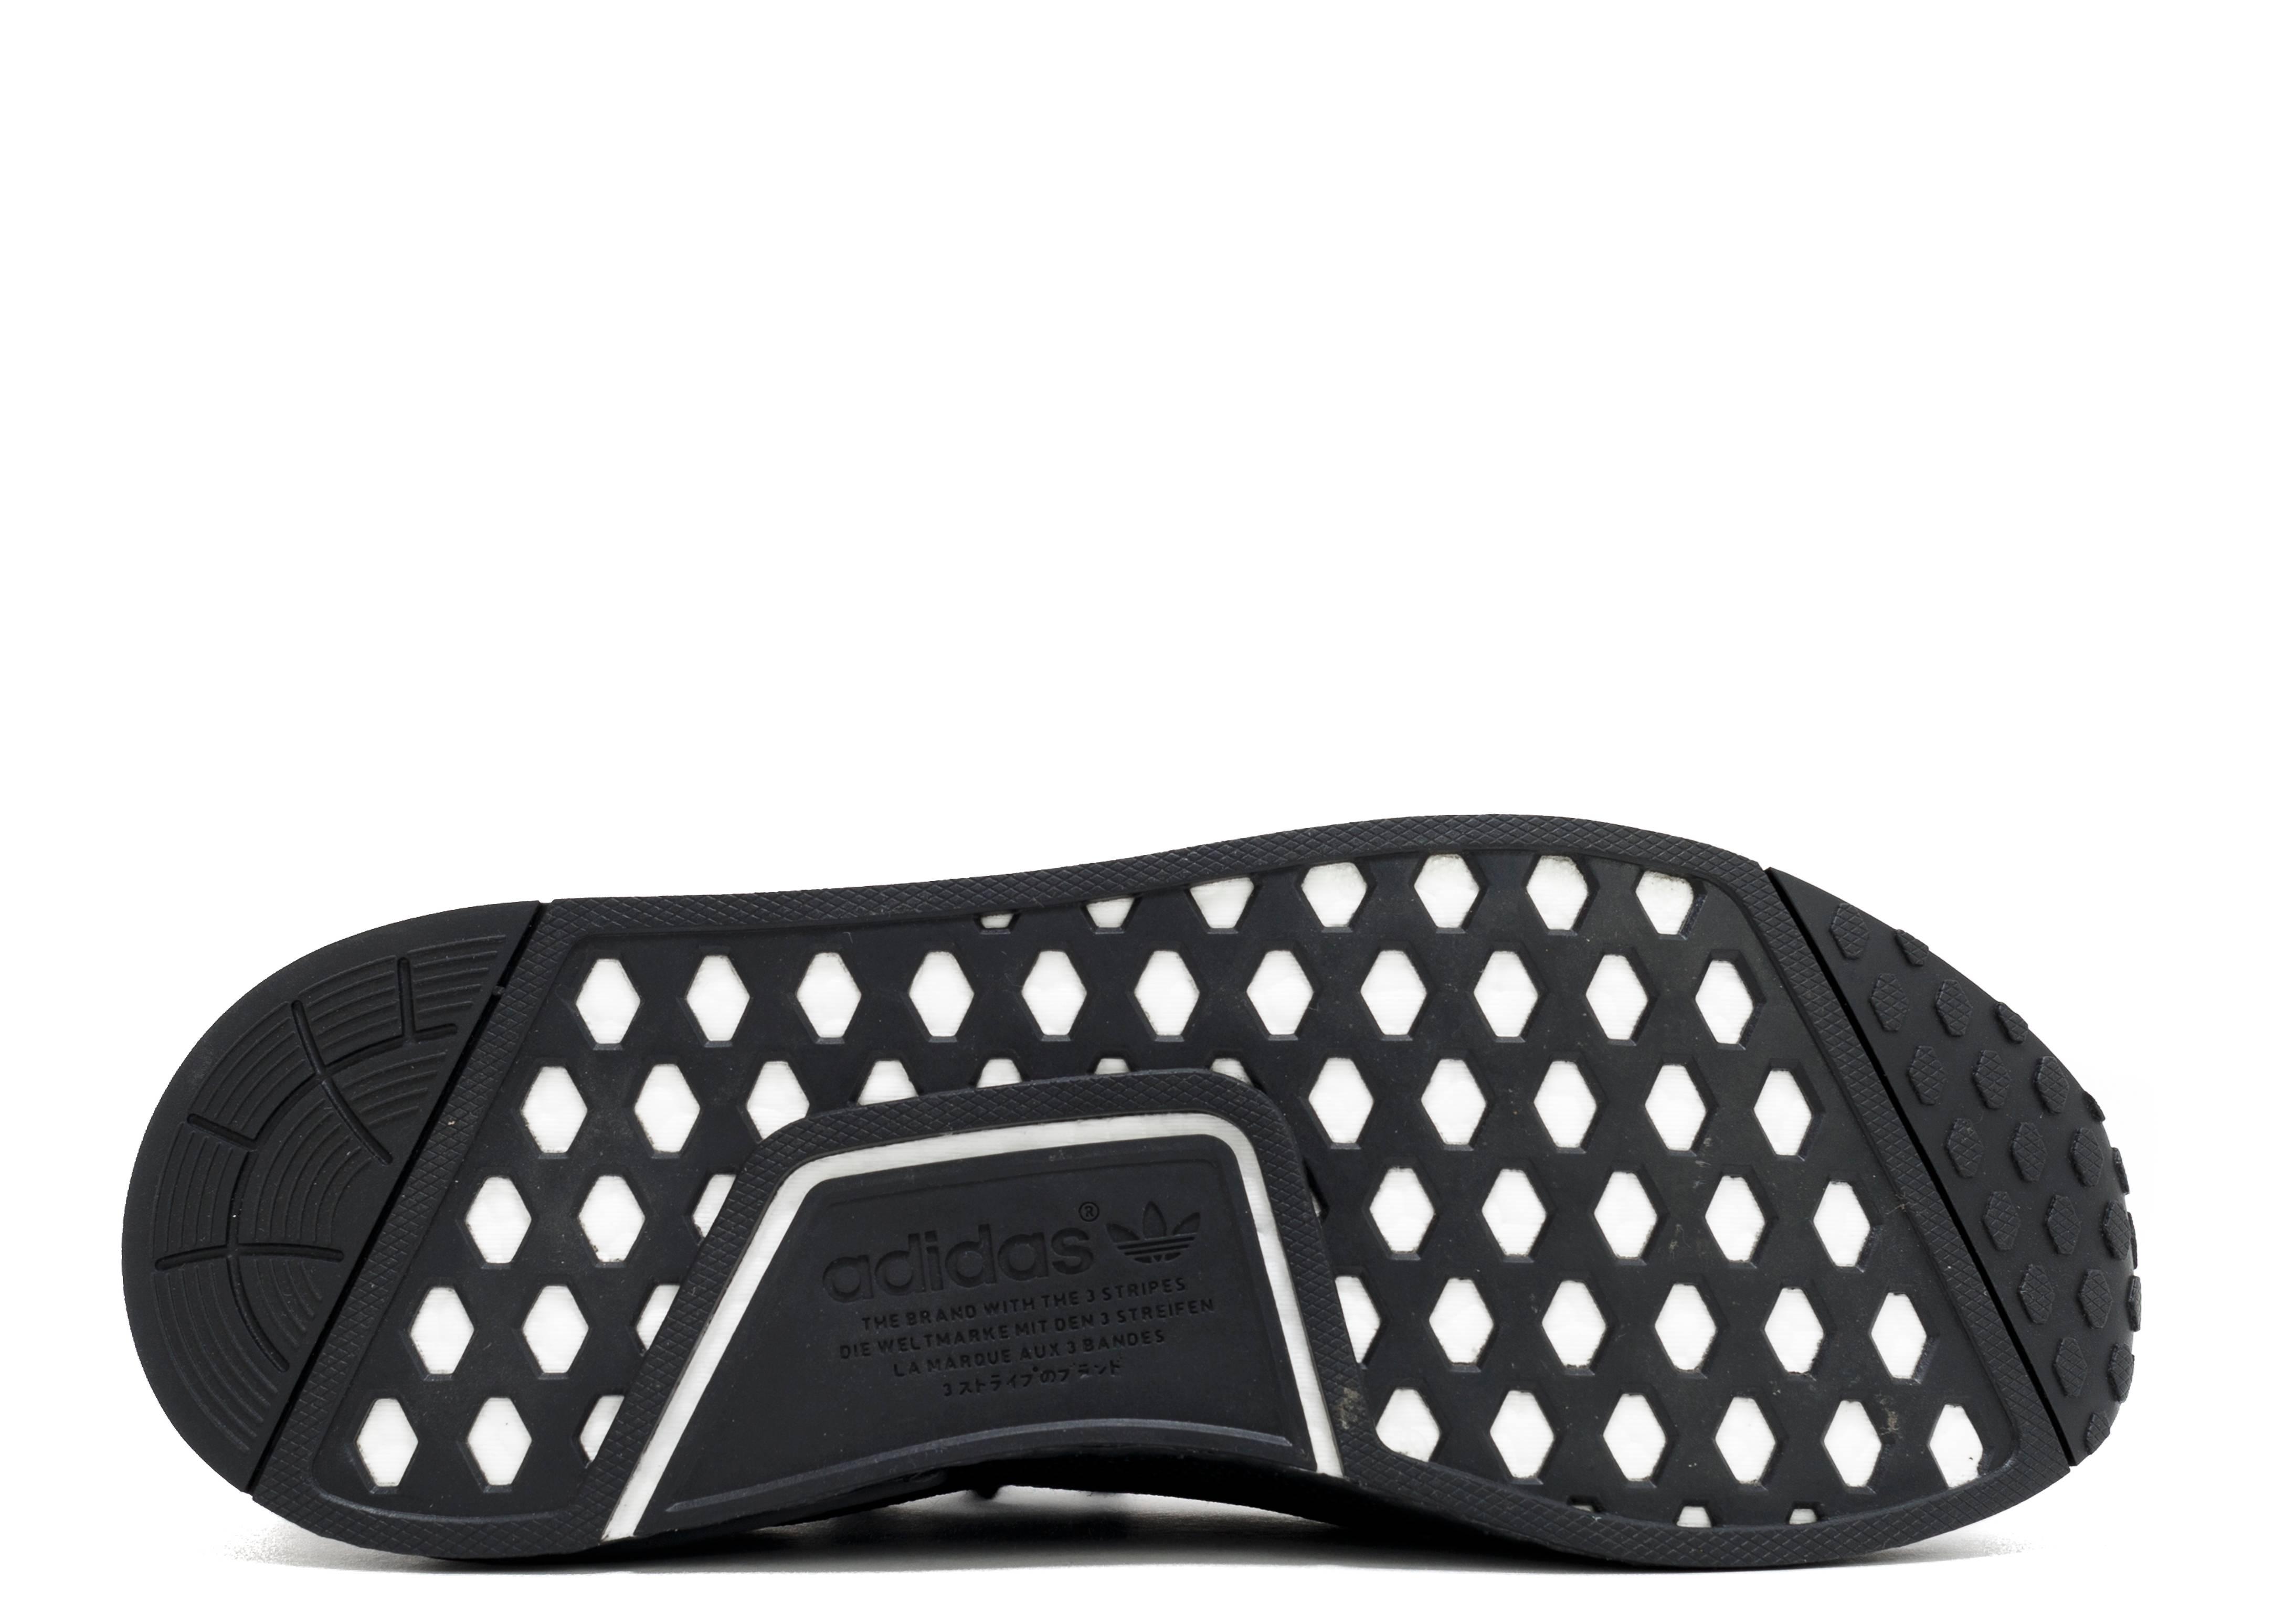 525abdd83bd12 Nmd Pitch Black - Adidas - s80489 - black black